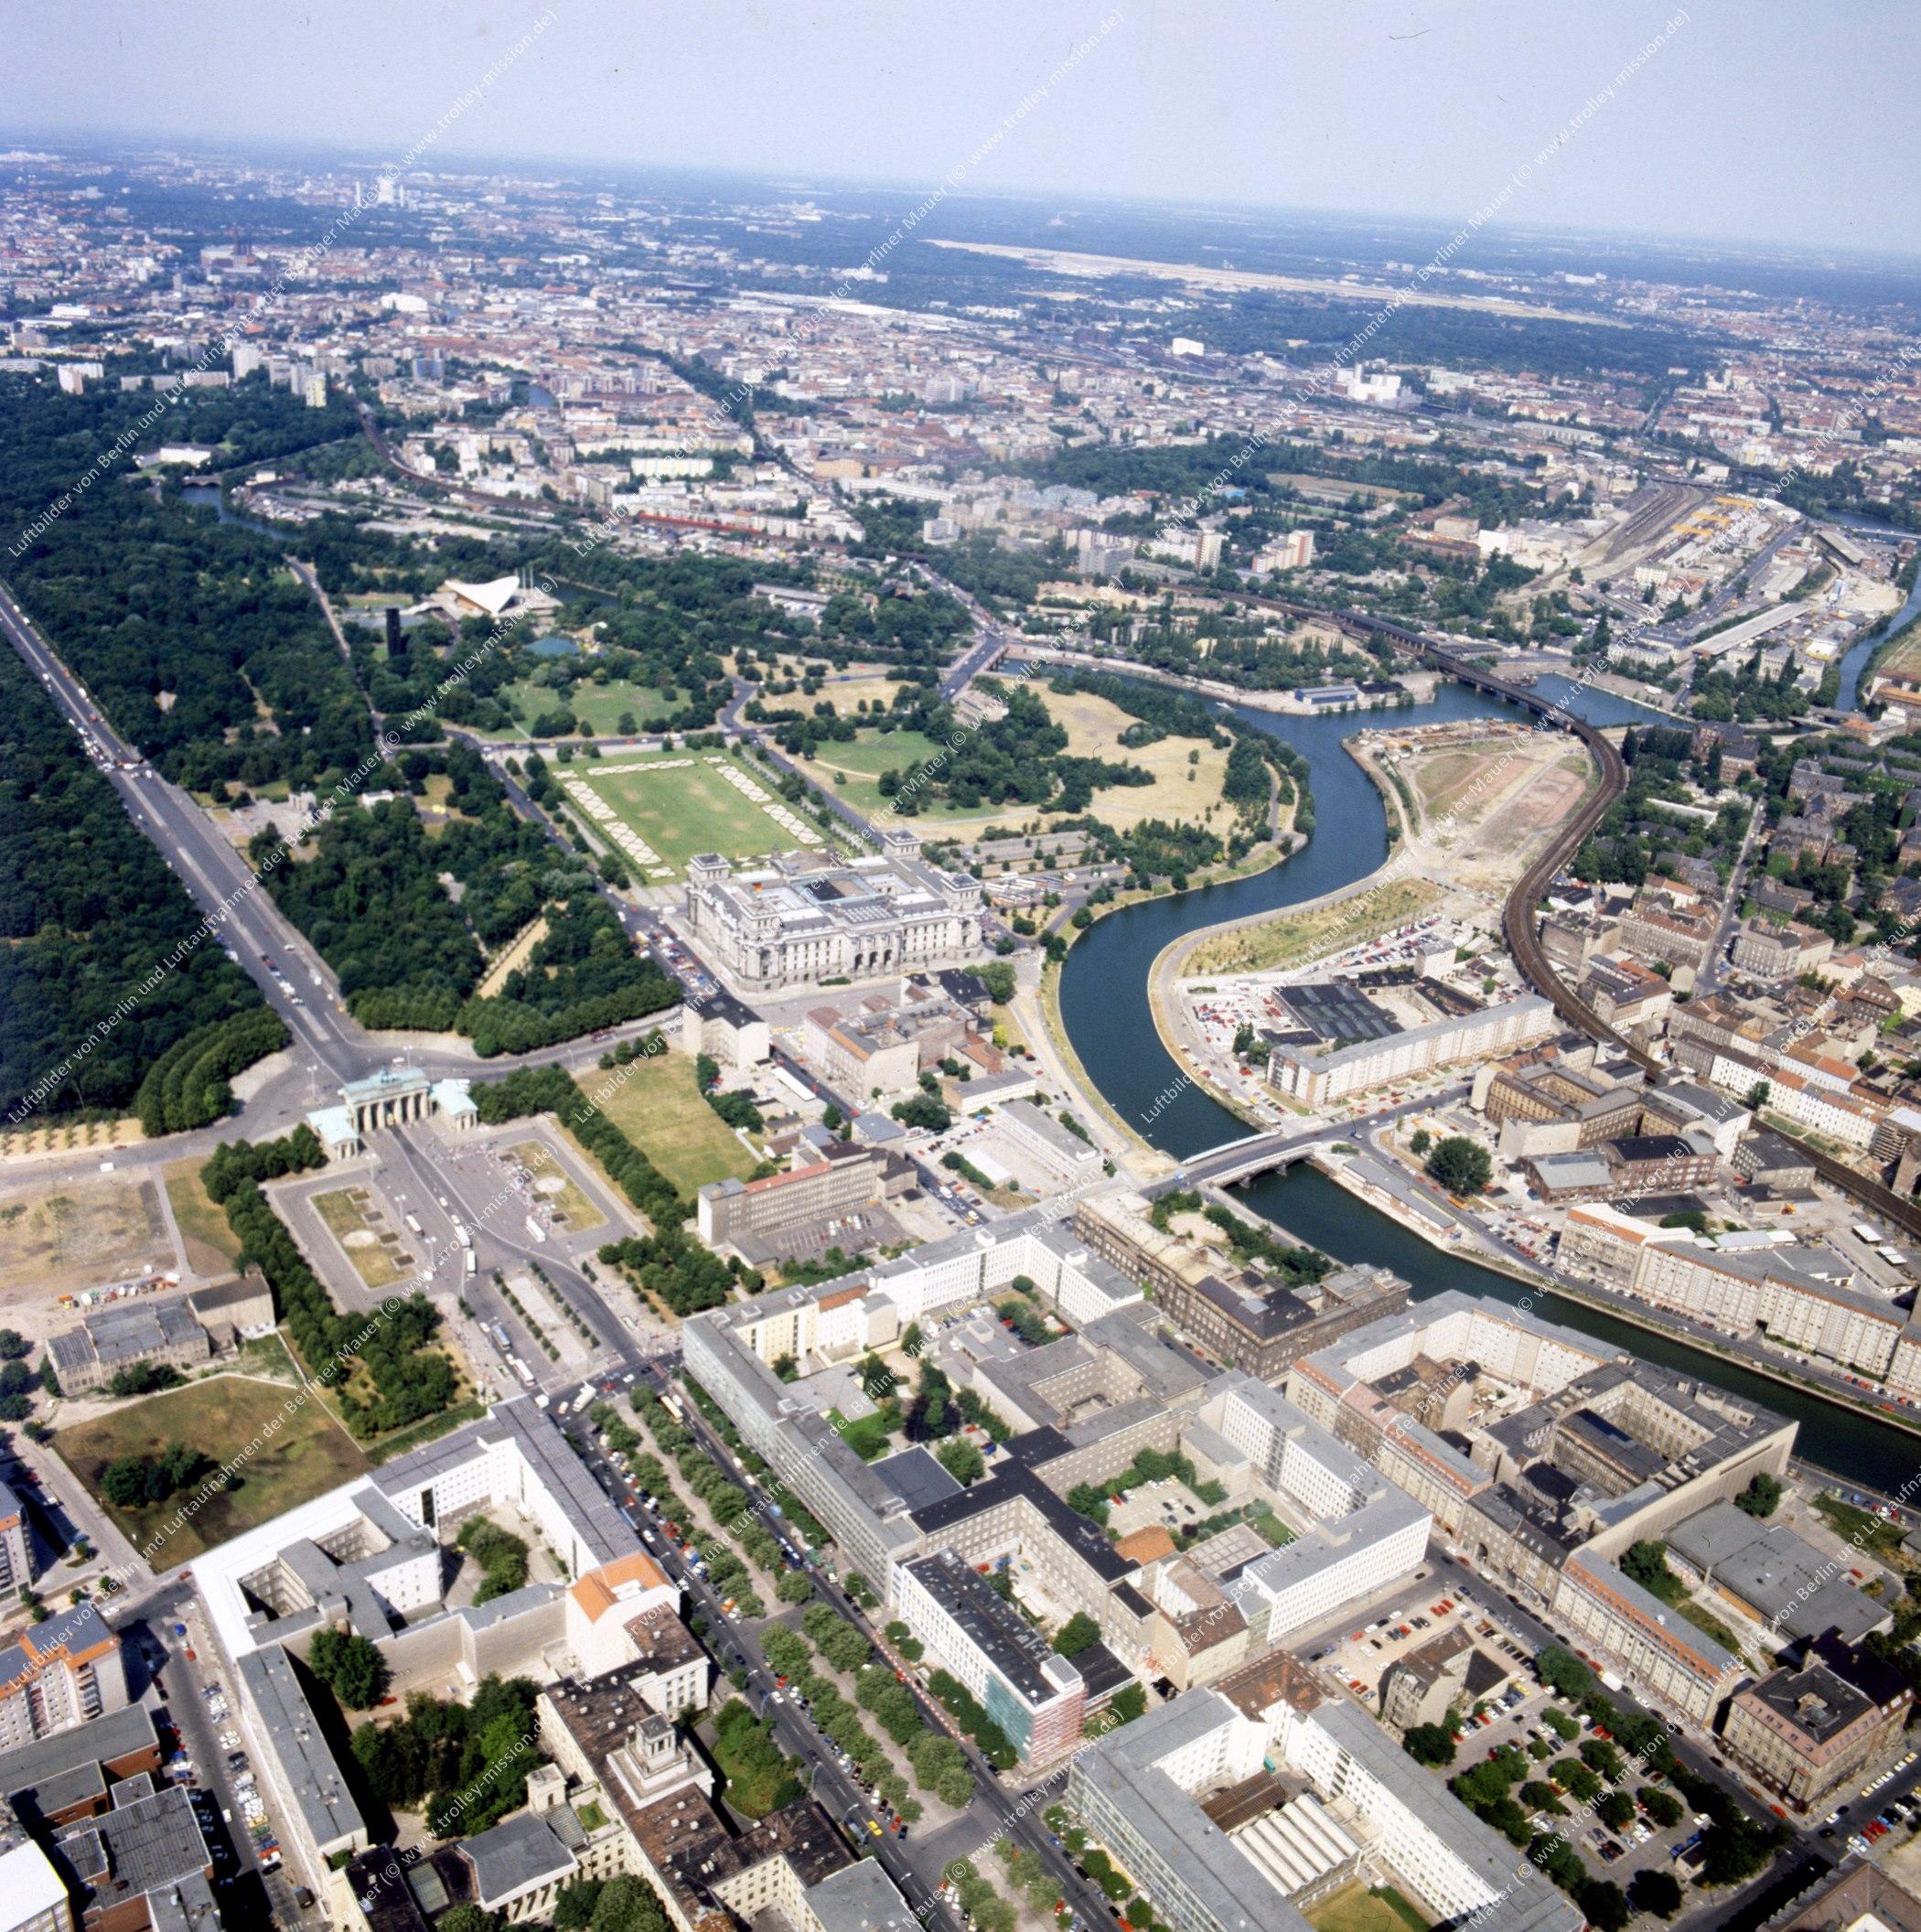 Brandenburger Tor und Reichstag - Rundflug (Luftbild) nach der deutschen Wiedervereinigung (Bild 140)